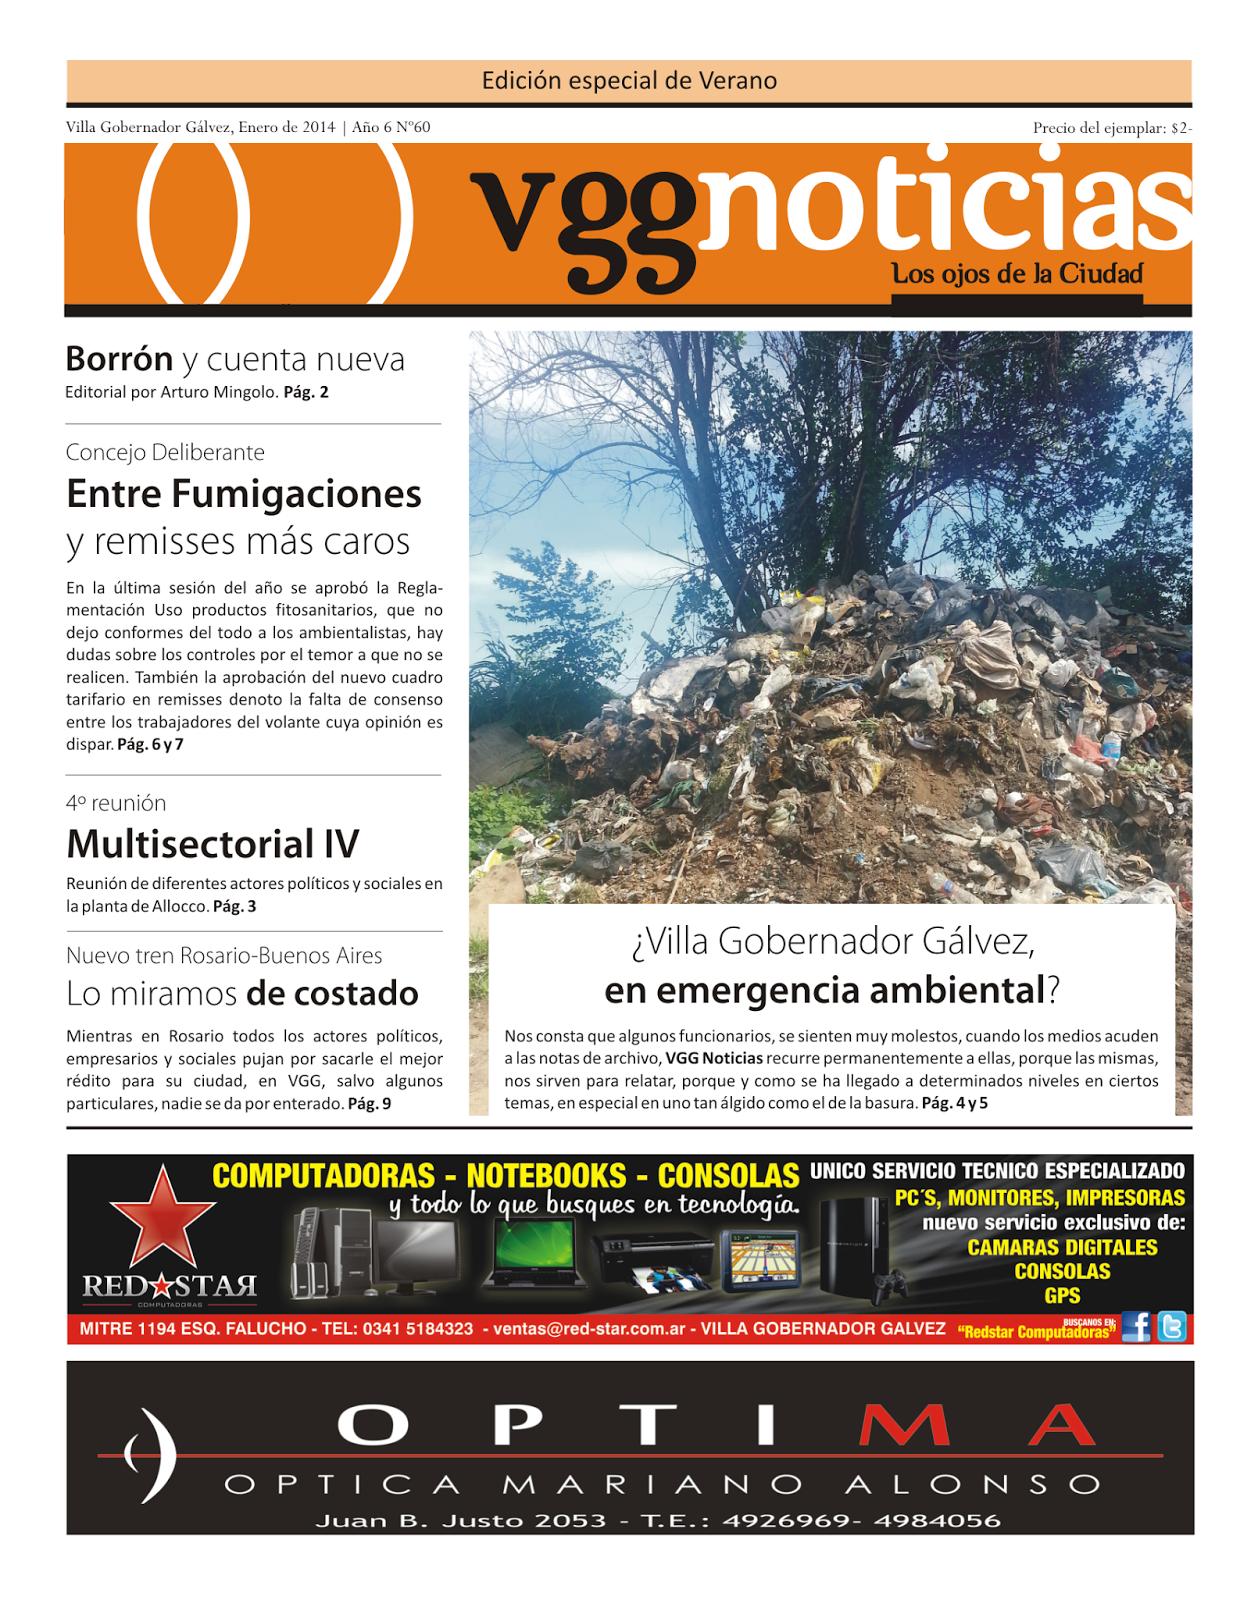 issuu.com/vggnoticias/docs/ediciondigital2_60_enero2014?e=3848521/6466352